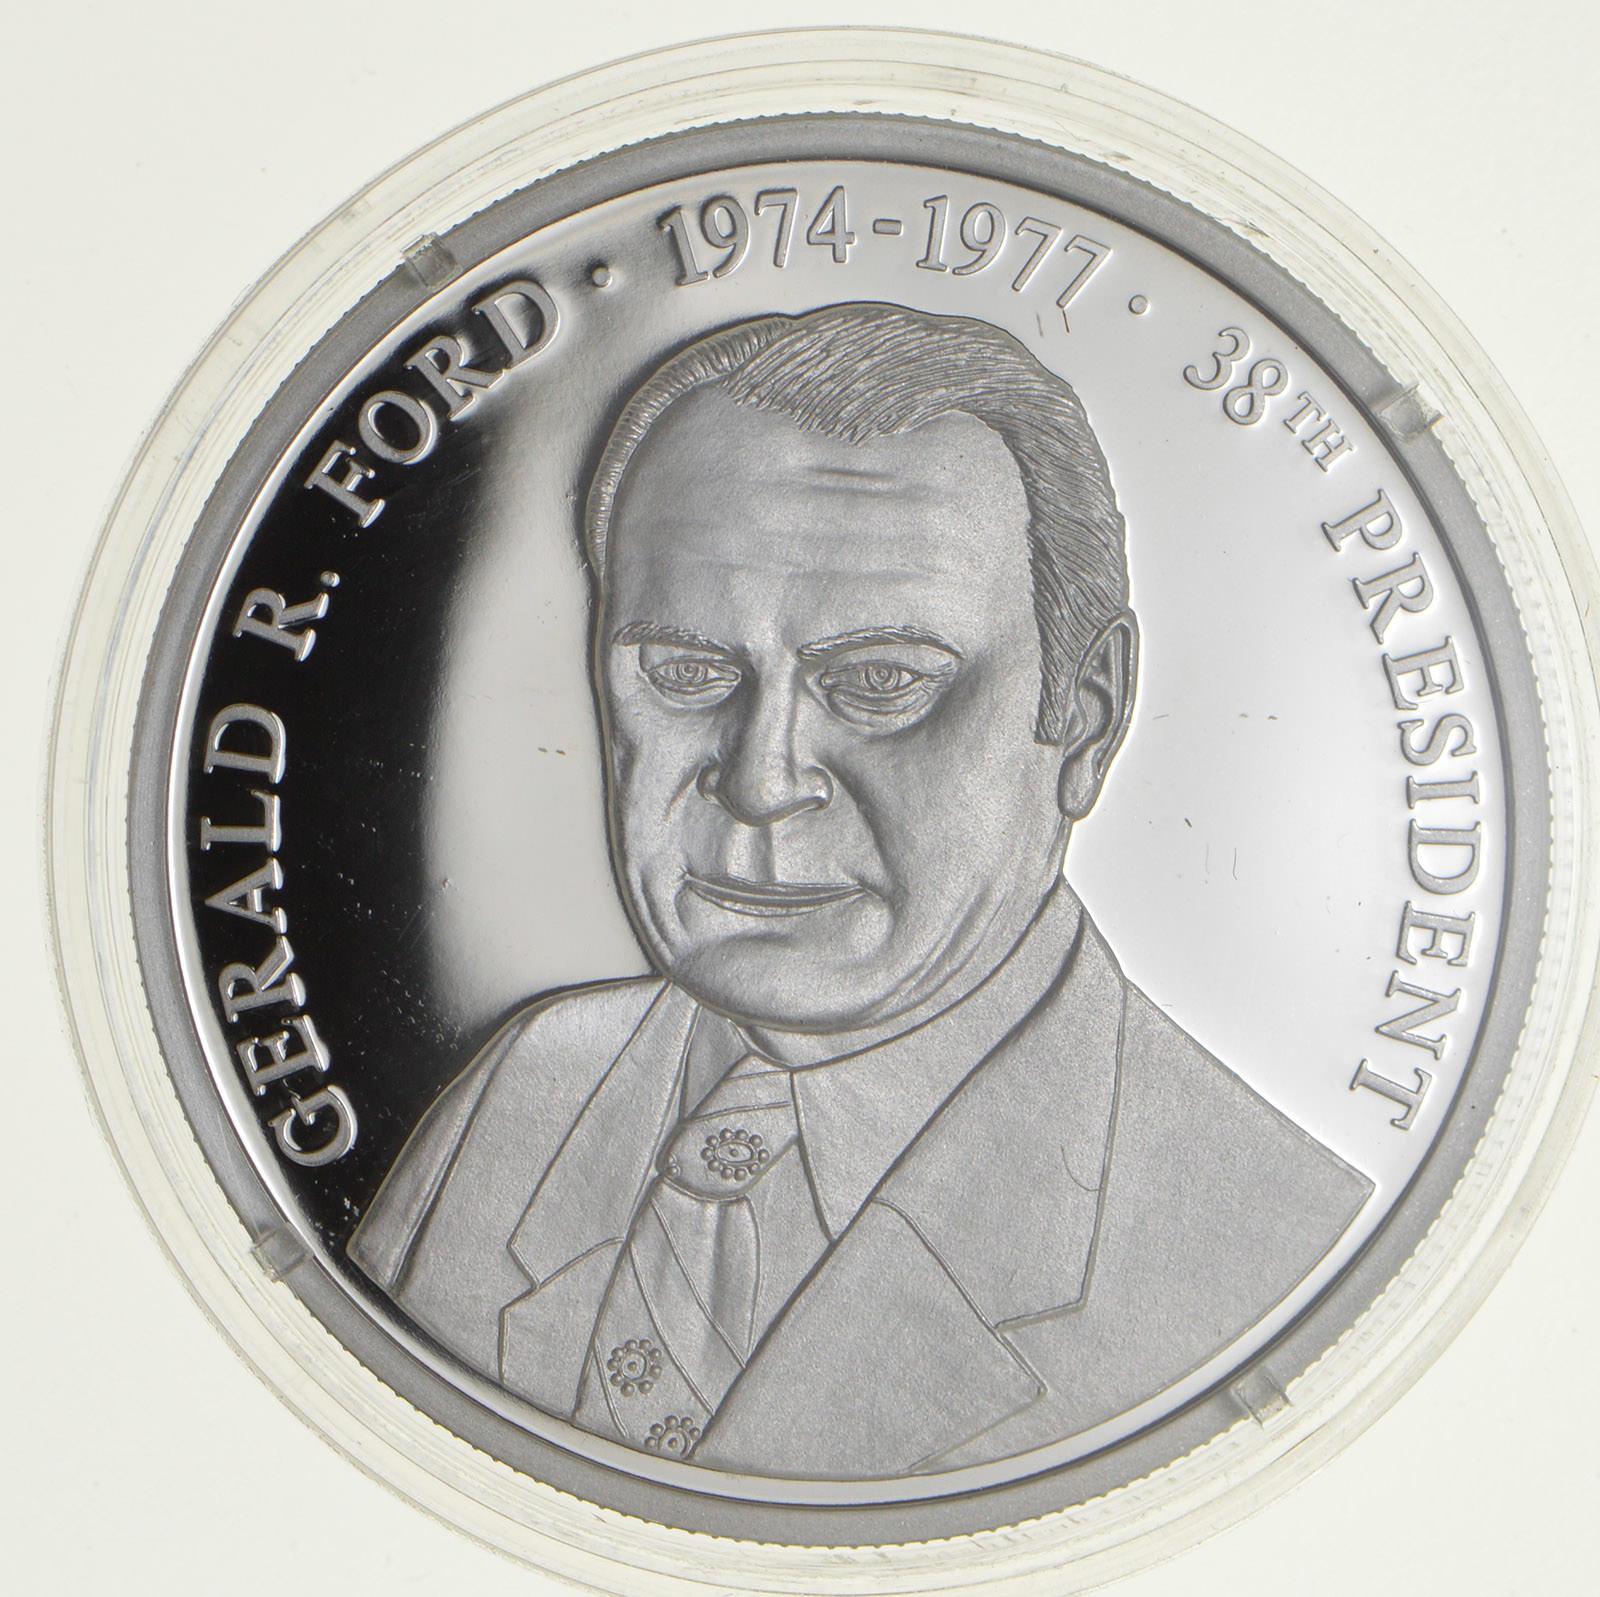 999 Fine Silver Value April 2019